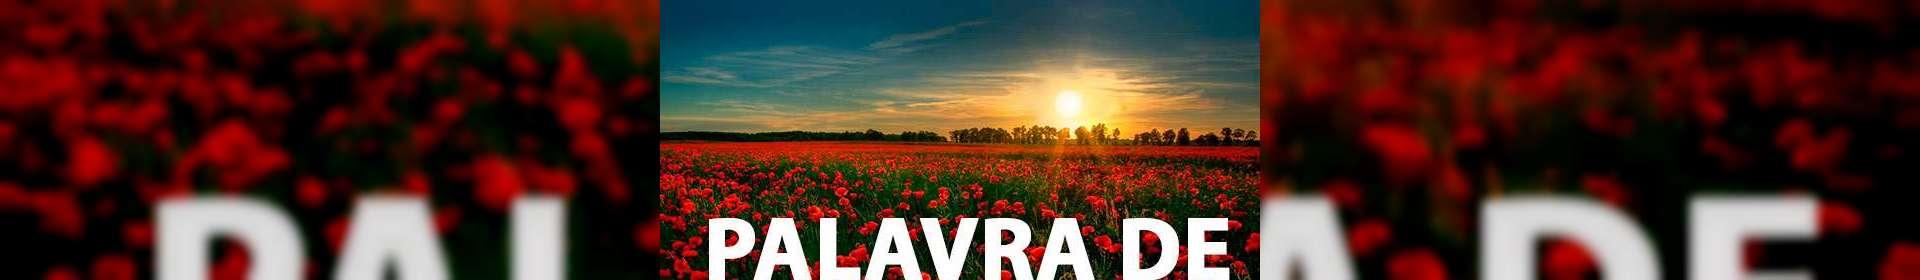 Isaías 55:13 - Uma Palavra de Esperança para sua vida